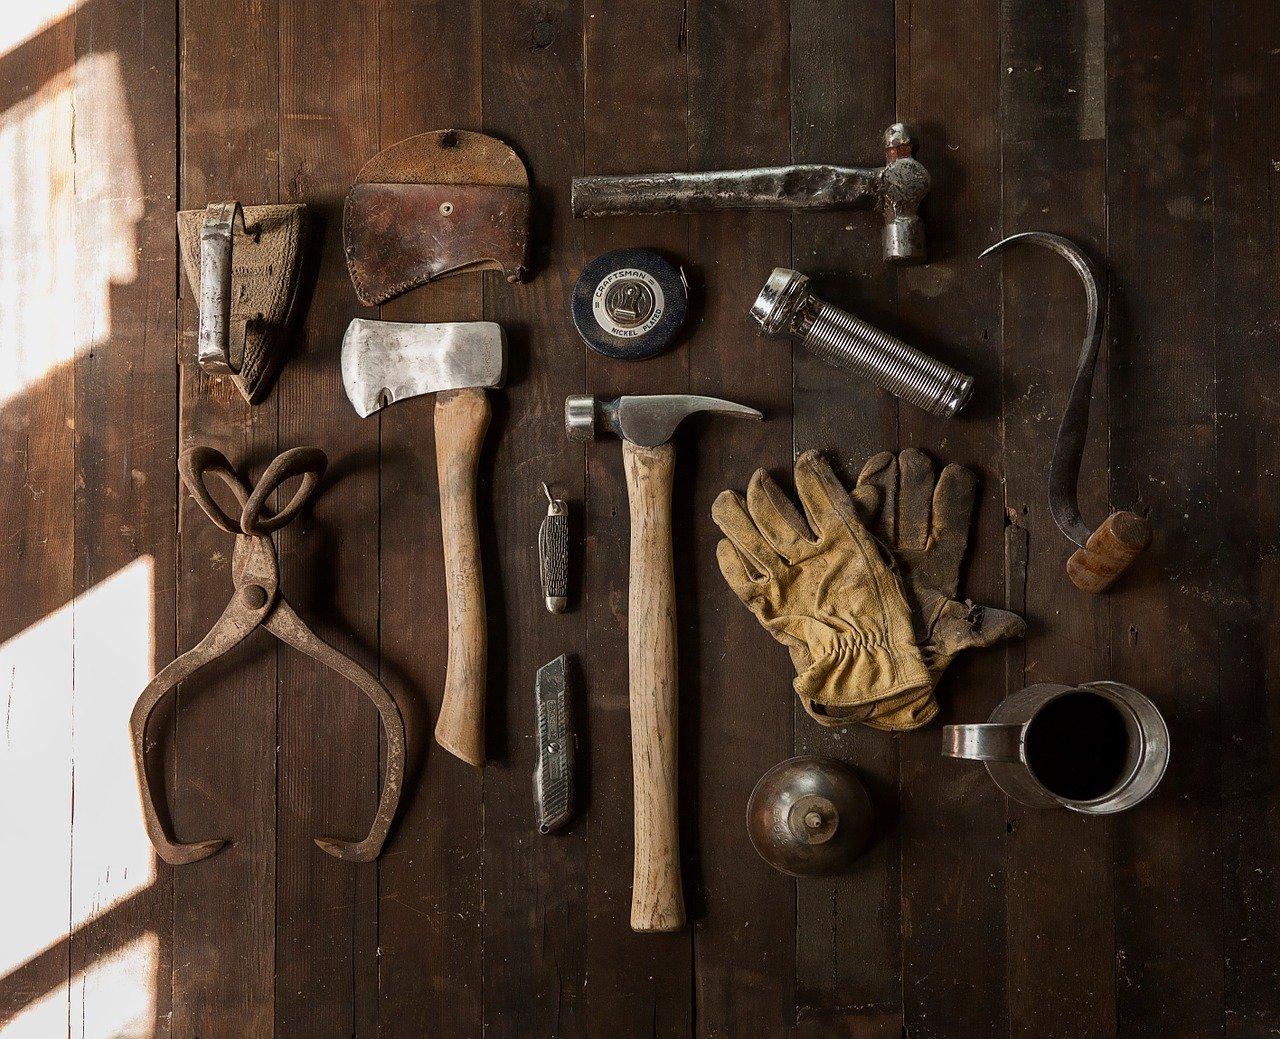 Apetoi pone a tu disposición carpinteros, electricistas y otros expertos